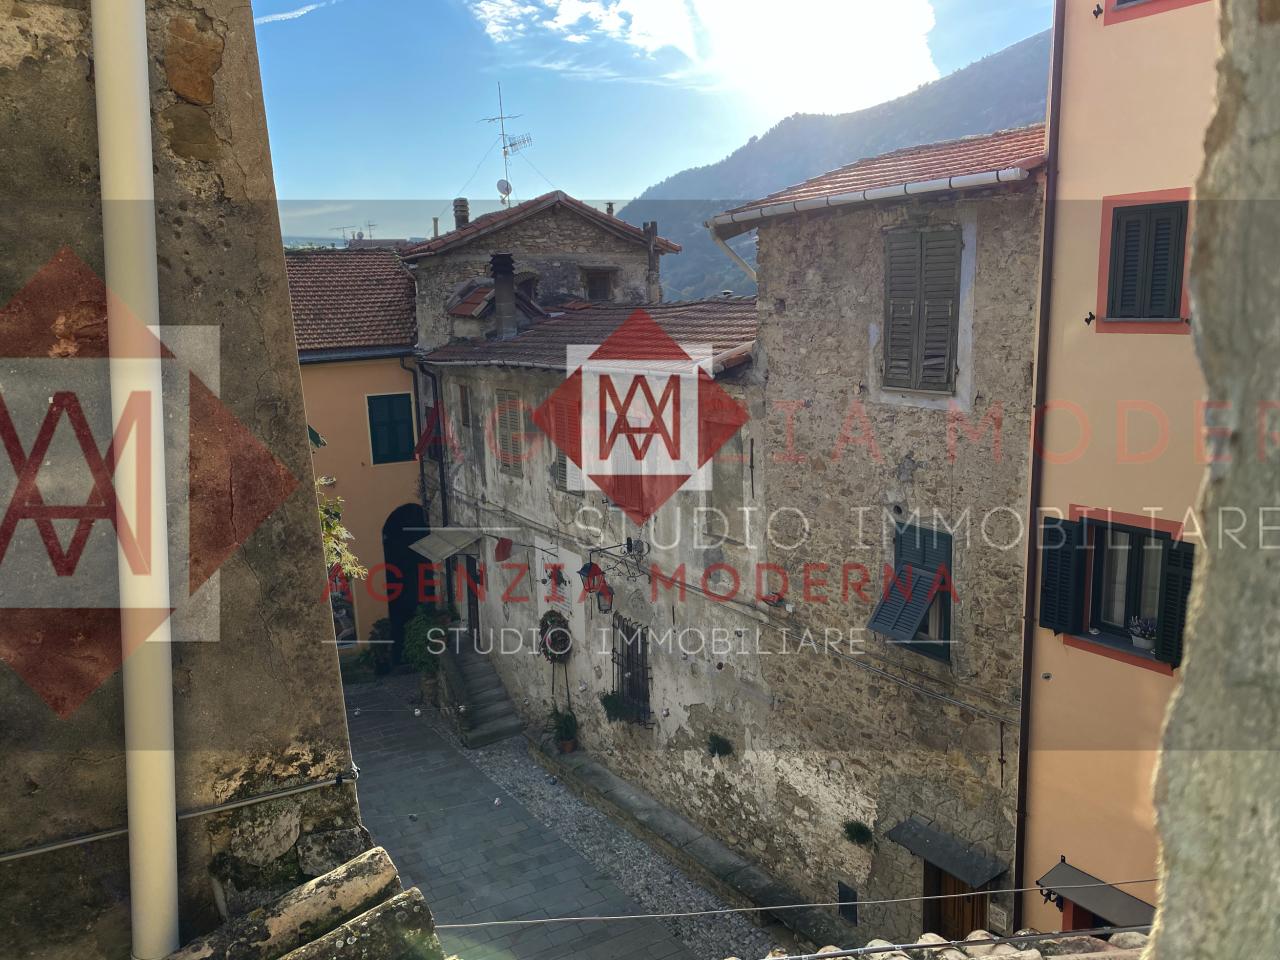 Soluzione Indipendente in vendita a Vallecrosia, 4 locali, prezzo € 59.000   PortaleAgenzieImmobiliari.it